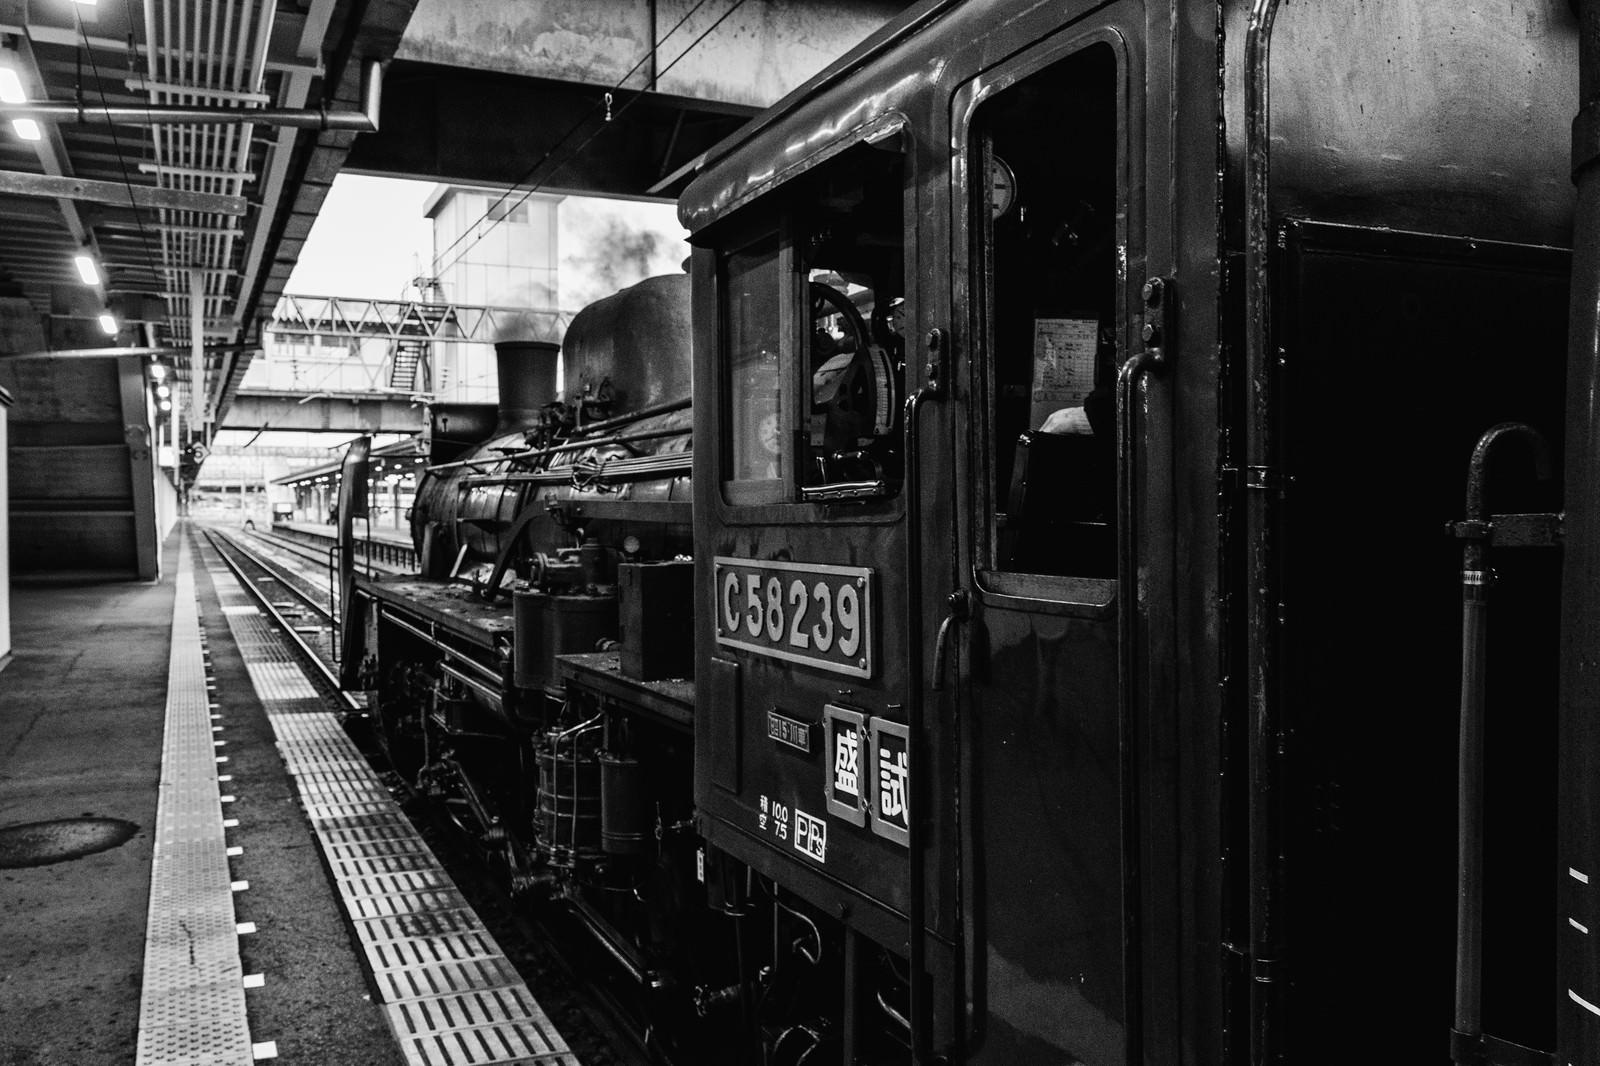 「ホームに停車中の蒸気機関車(モノクロ)ホームに停車中の蒸気機関車(モノクロ)」のフリー写真素材を拡大